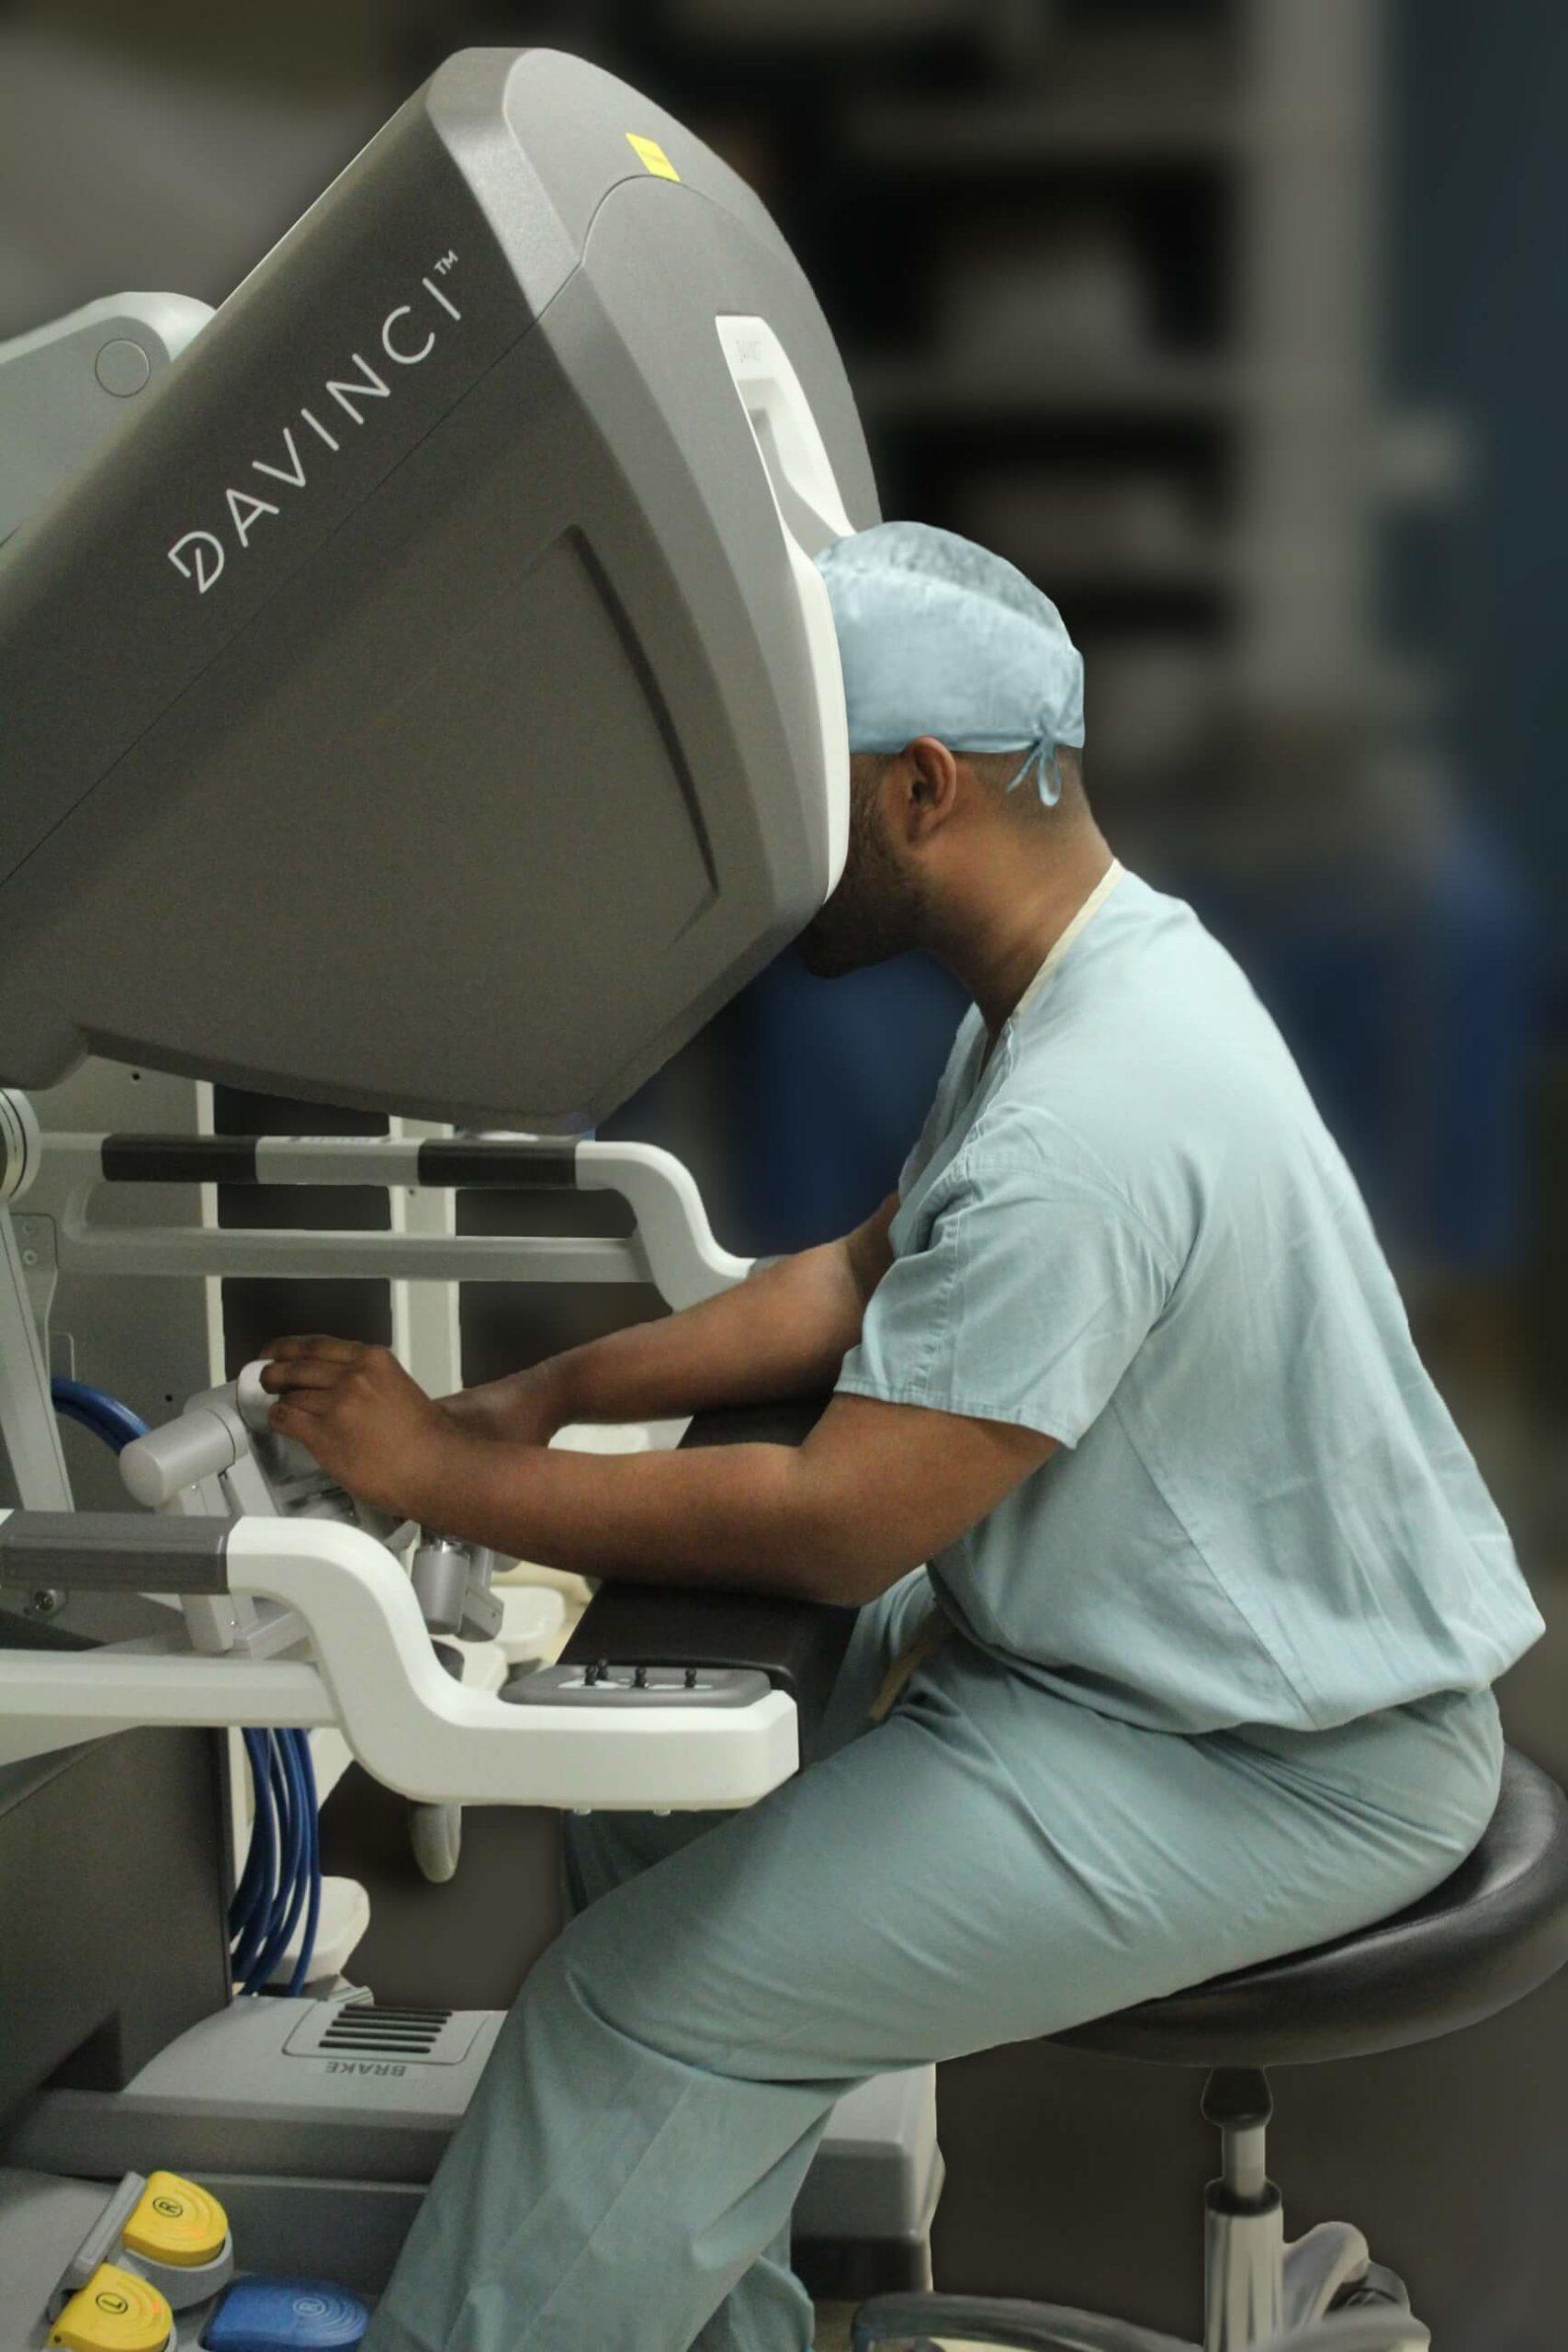 Dr Weranja doing robotic surgery